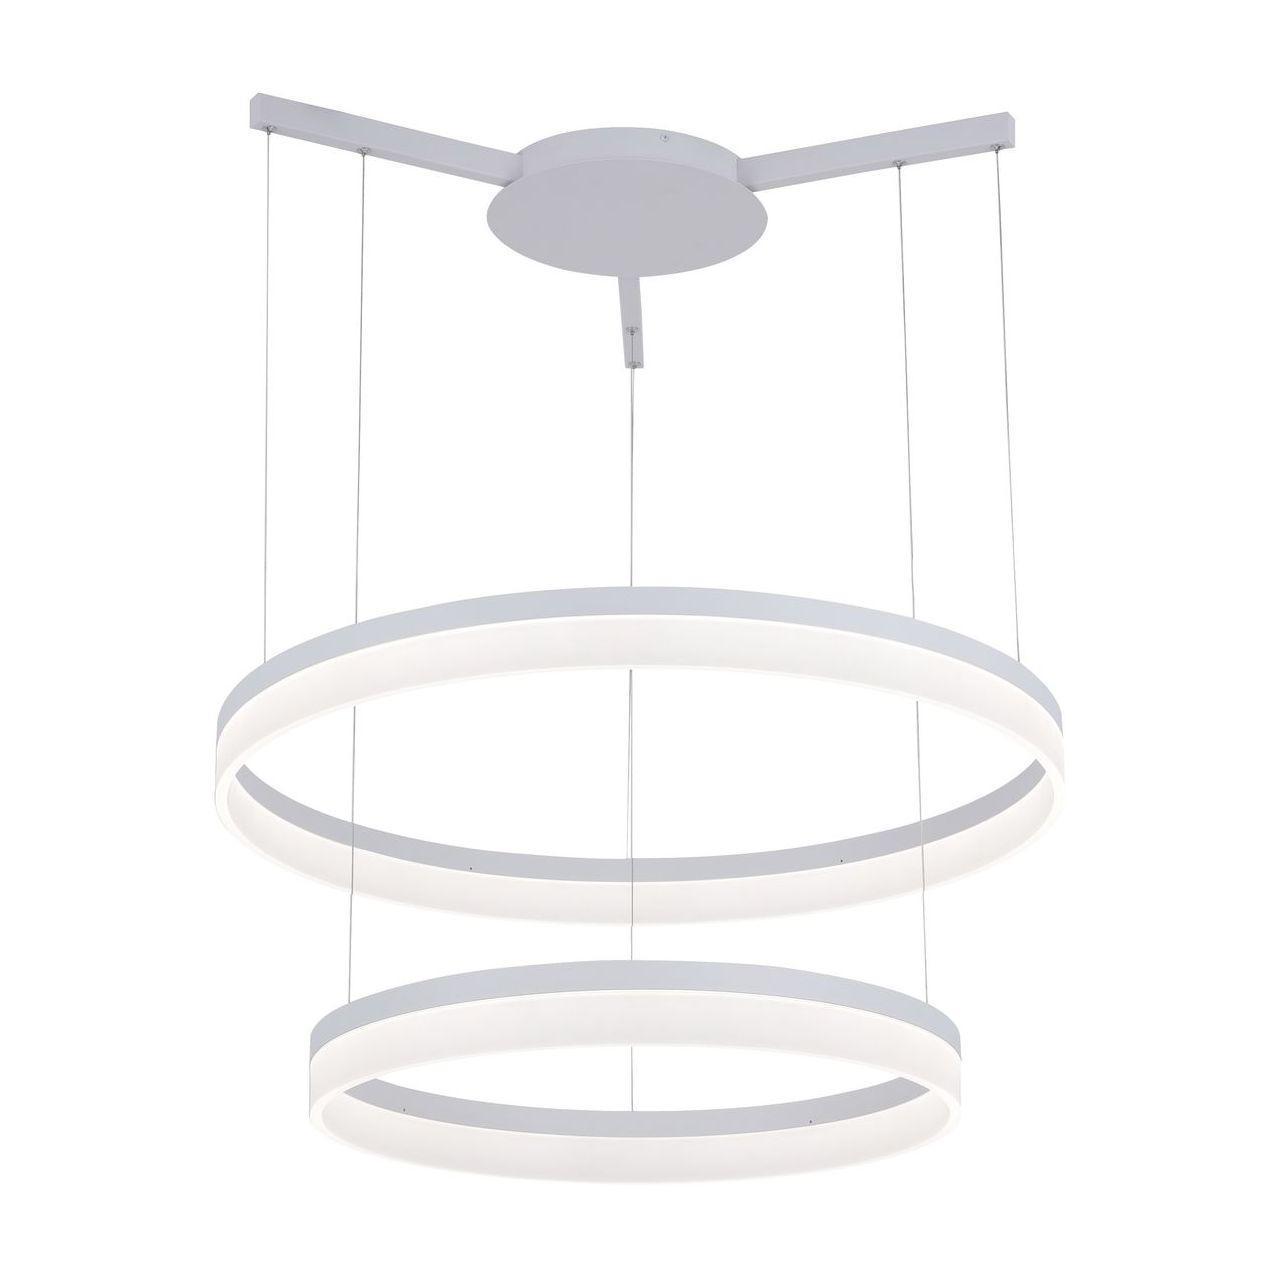 Подвесной светодиодный светильник Arte Lamp A2504SP-1WH arte lamp подвесная люстра arte lamp sorento a2504sp 1wh